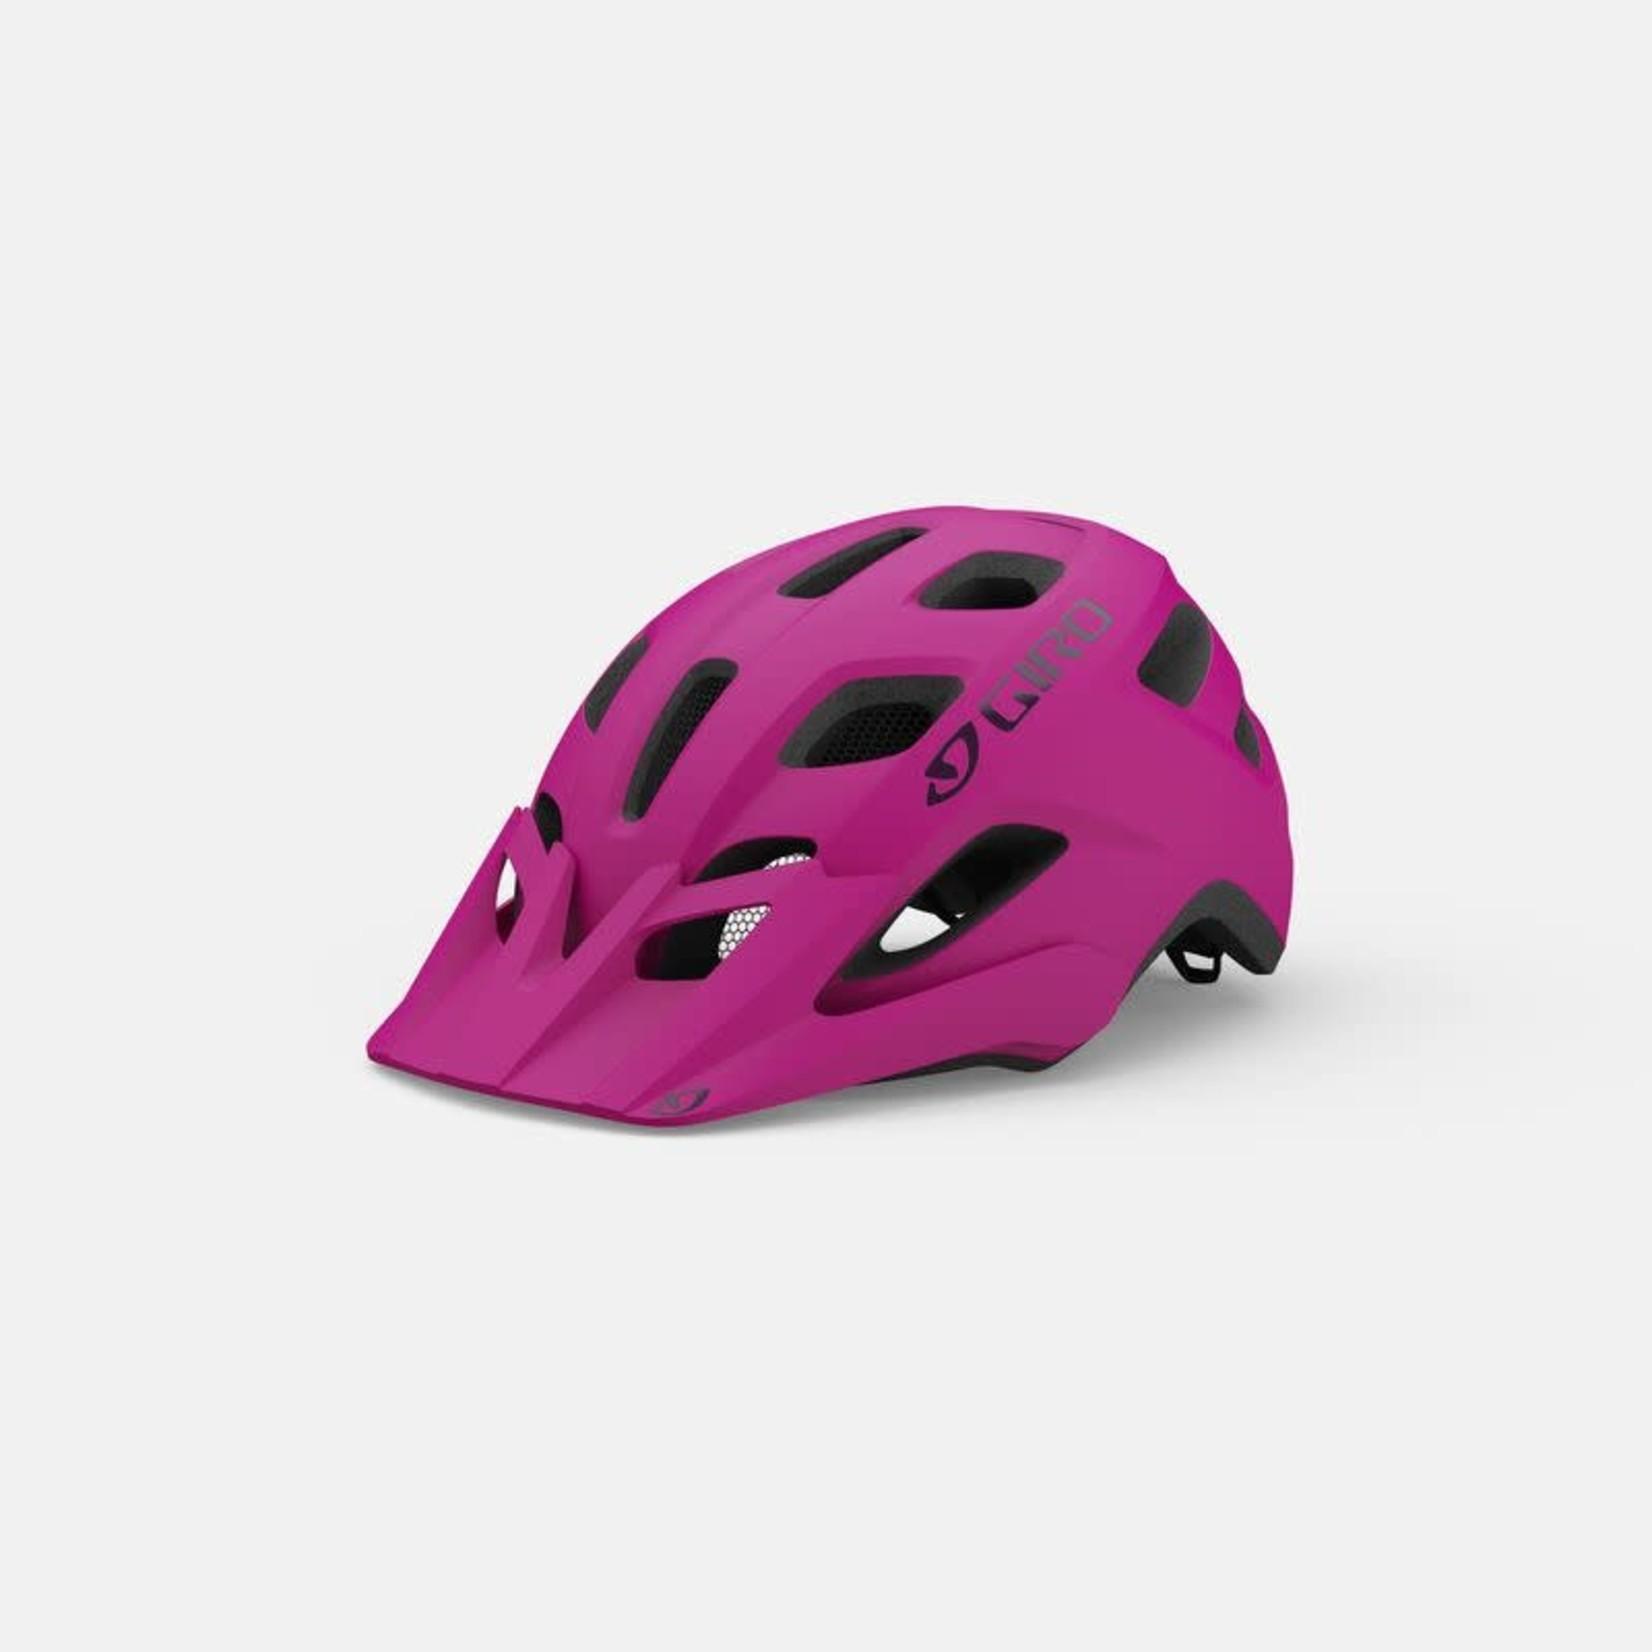 Giro Giro, Tremor, Child, Mat Pink ST